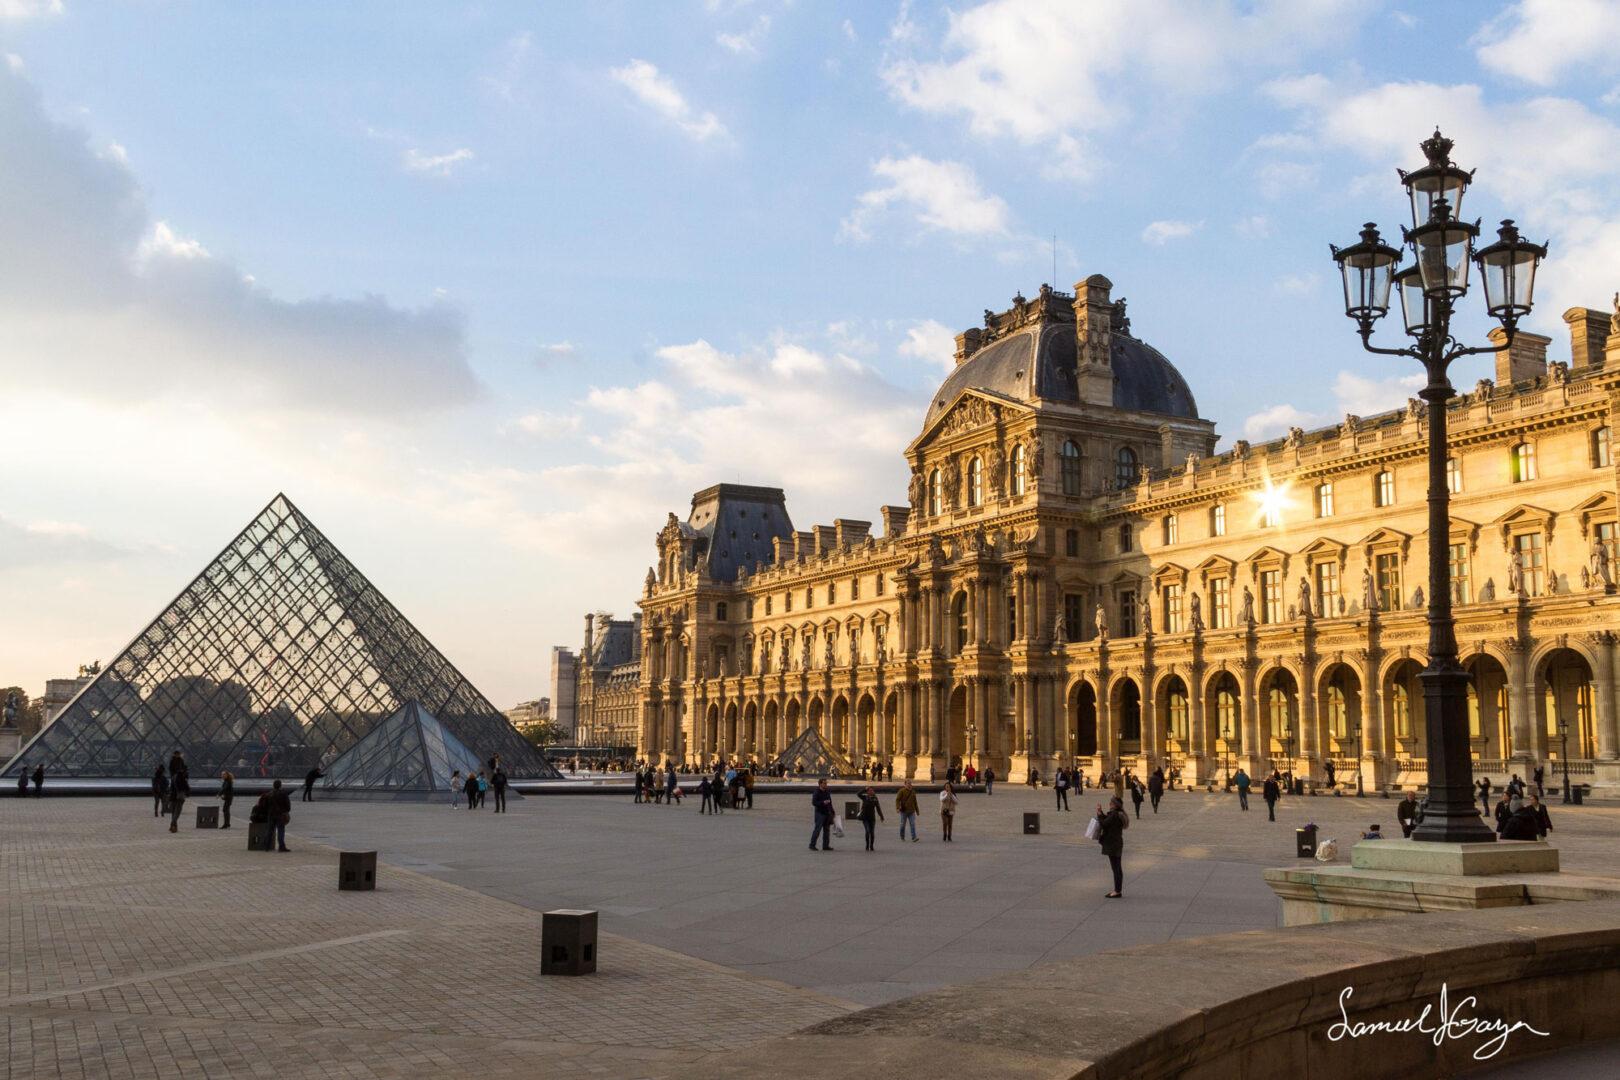 Louve Museum in Paris, France